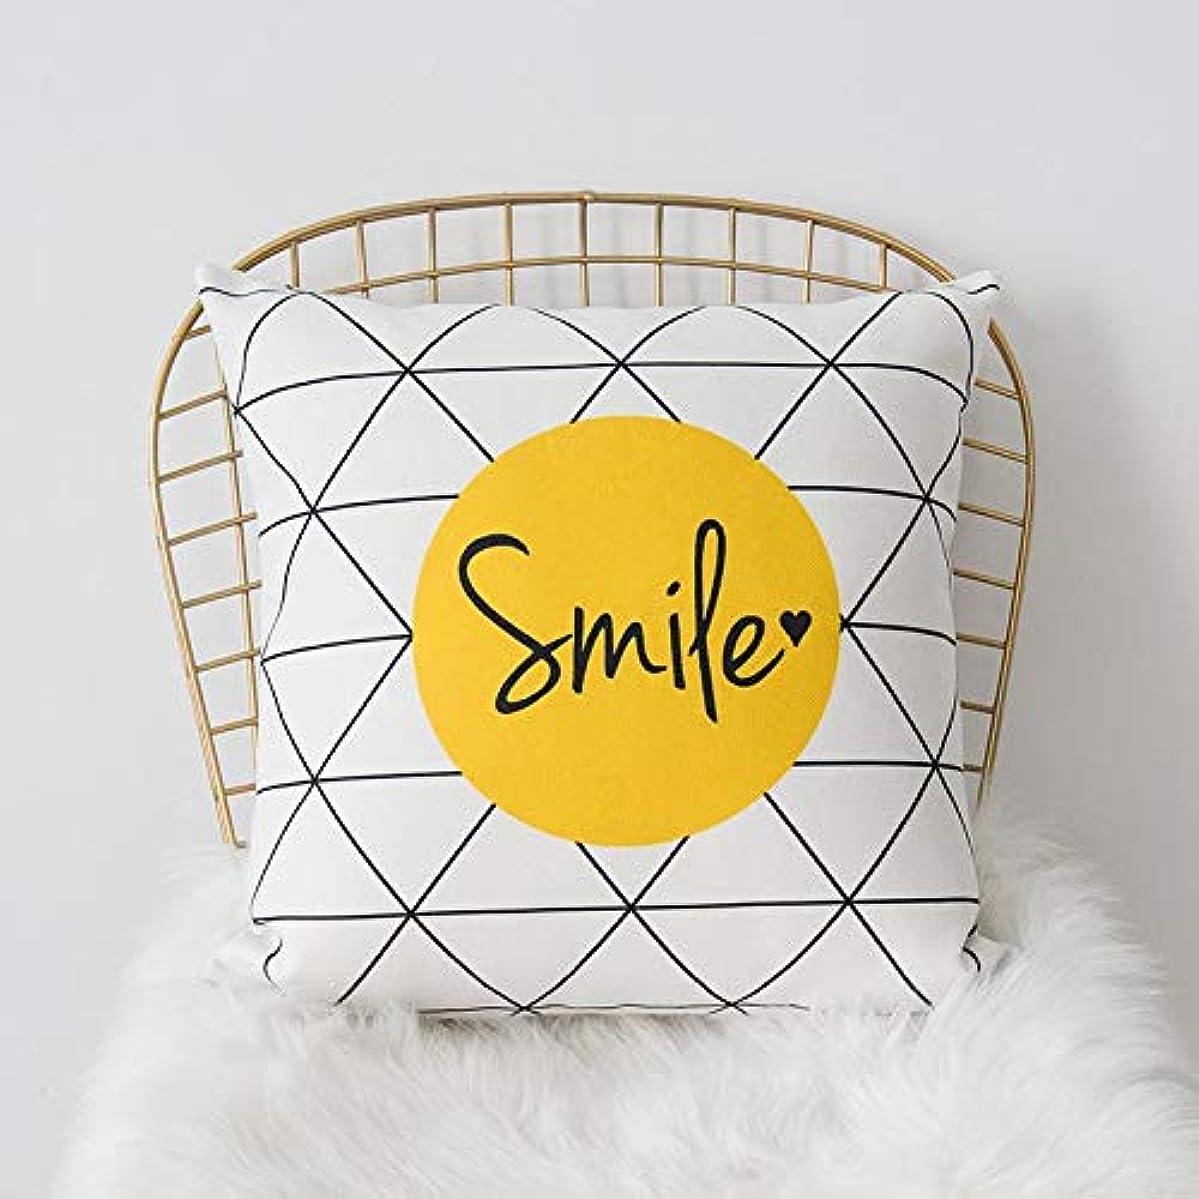 回転マインドフル常習的SMART 黄色グレー枕北欧スタイル黄色ヘラジカ幾何枕リビングルームのインテリアソファクッション Cojines 装飾良質 クッション 椅子